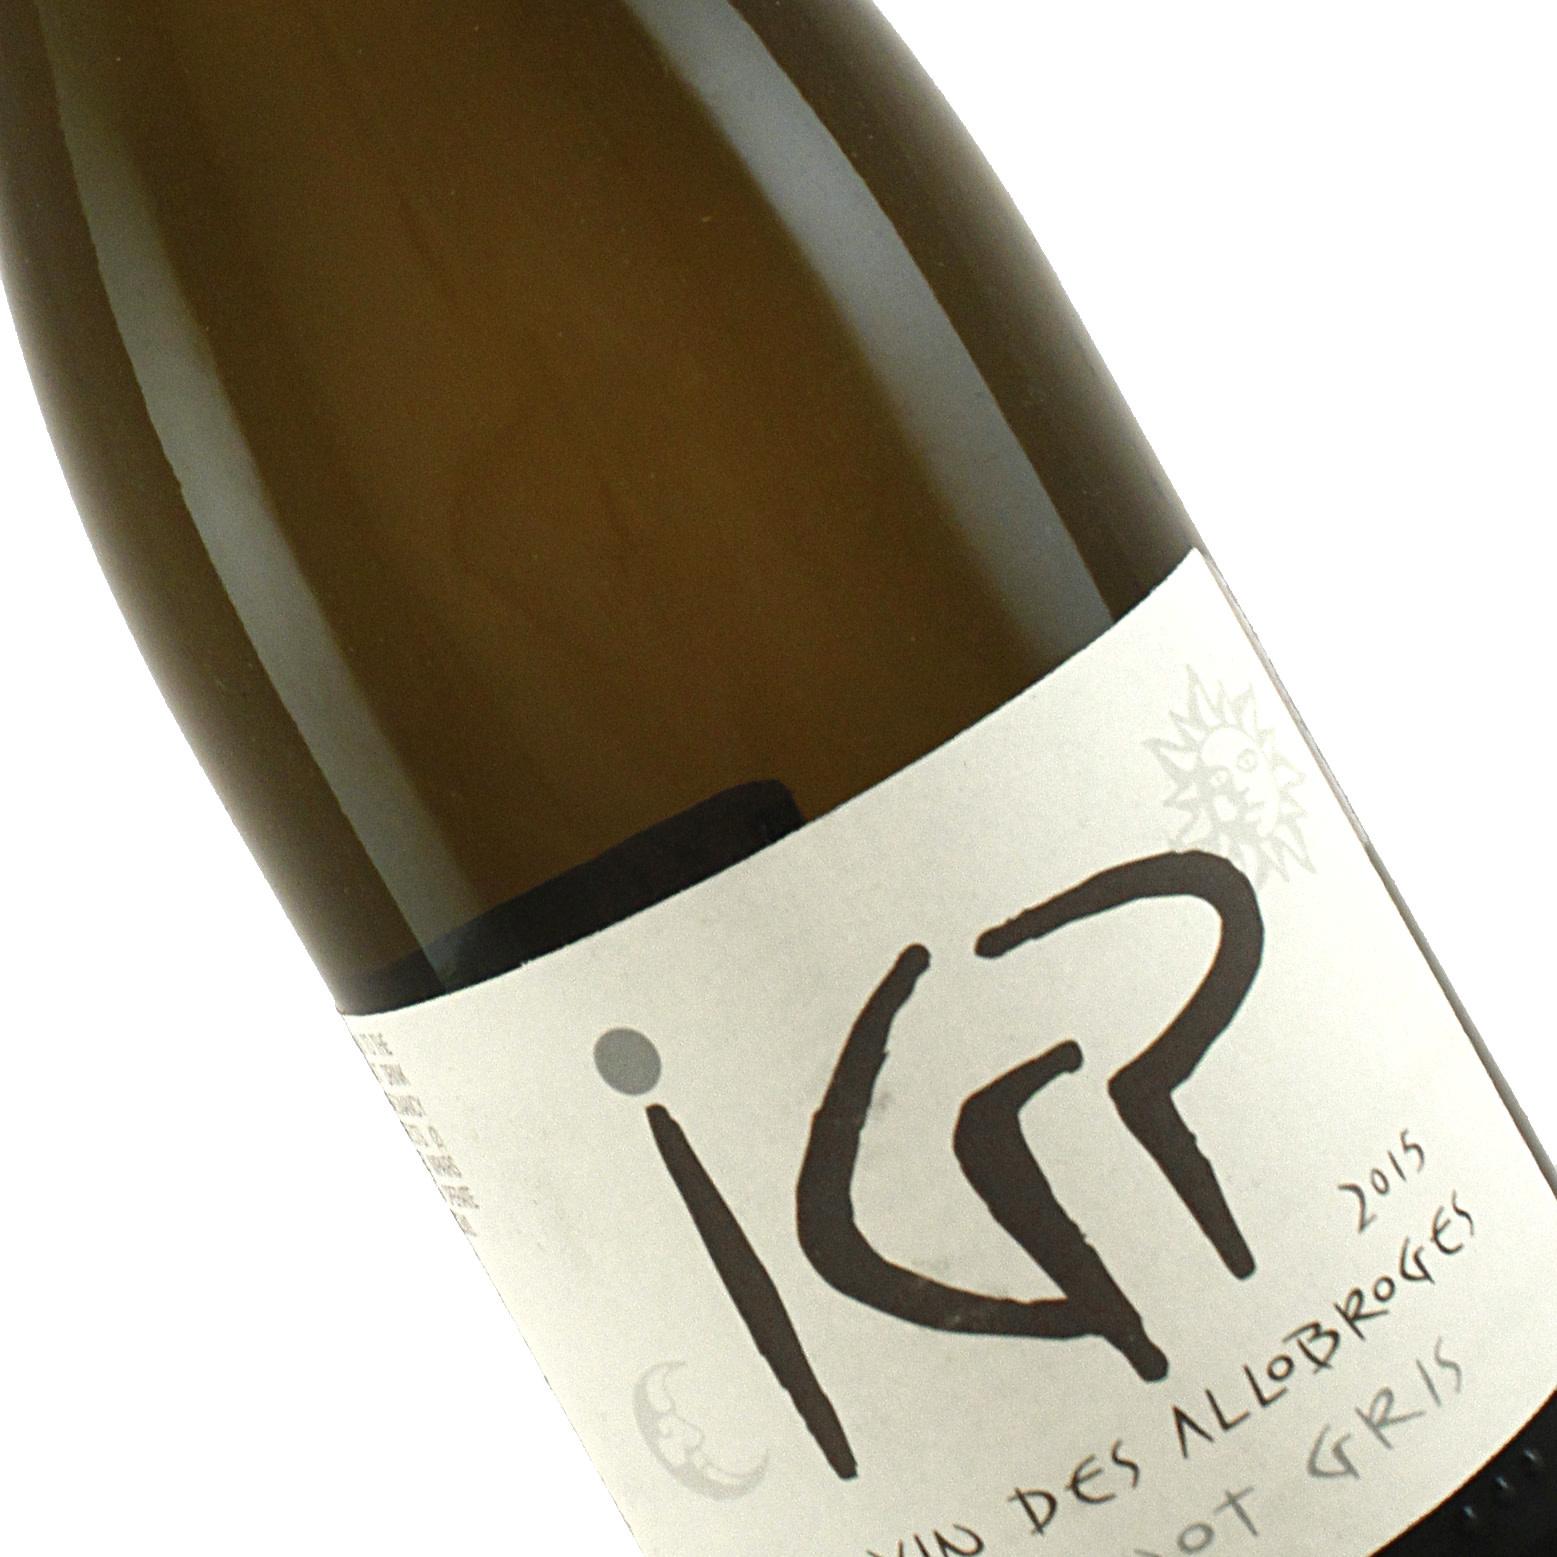 Les Vignes de Paradis 2015 Pinot Gris IGP Vin Des Allobroges, Savoie